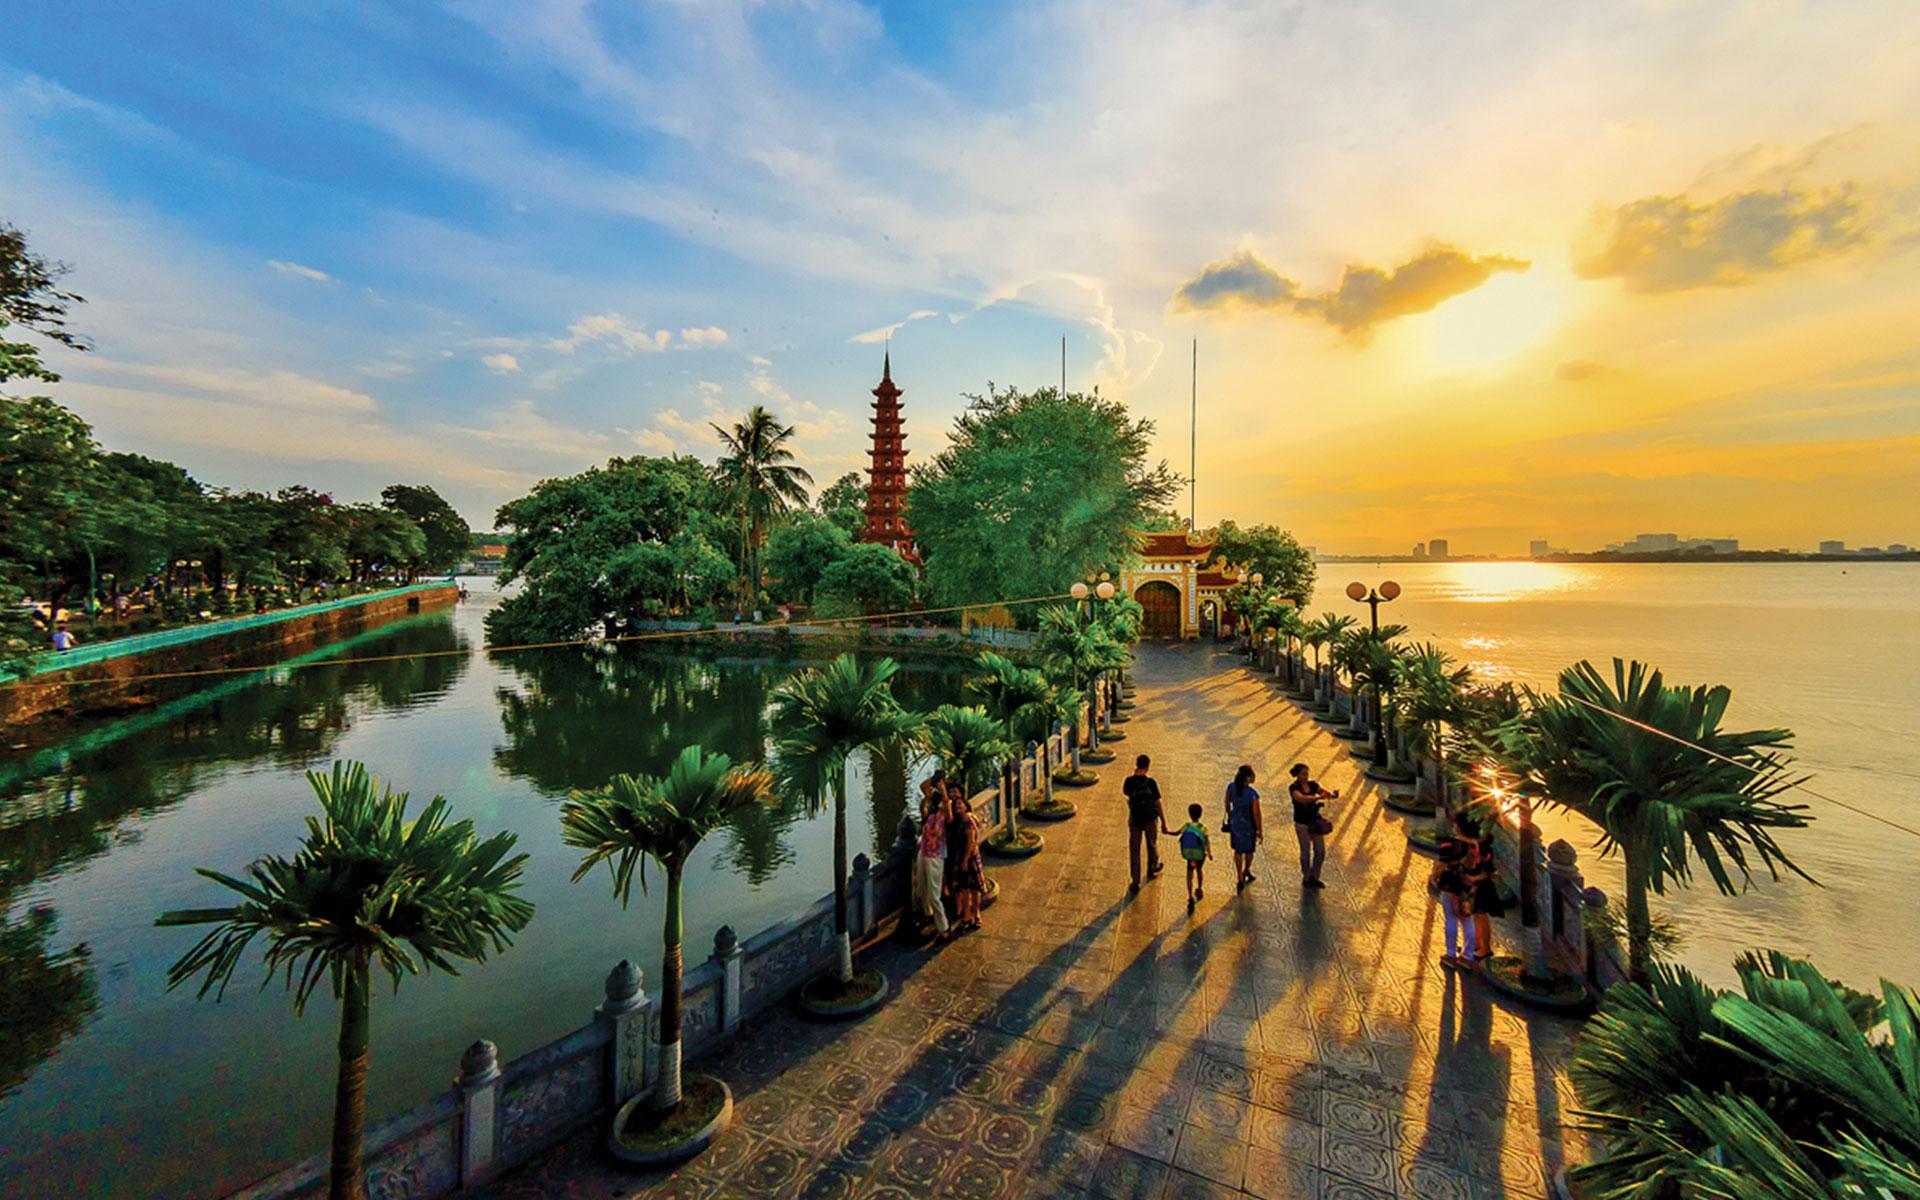 Beautiful day at Tran Quoc pagoda.